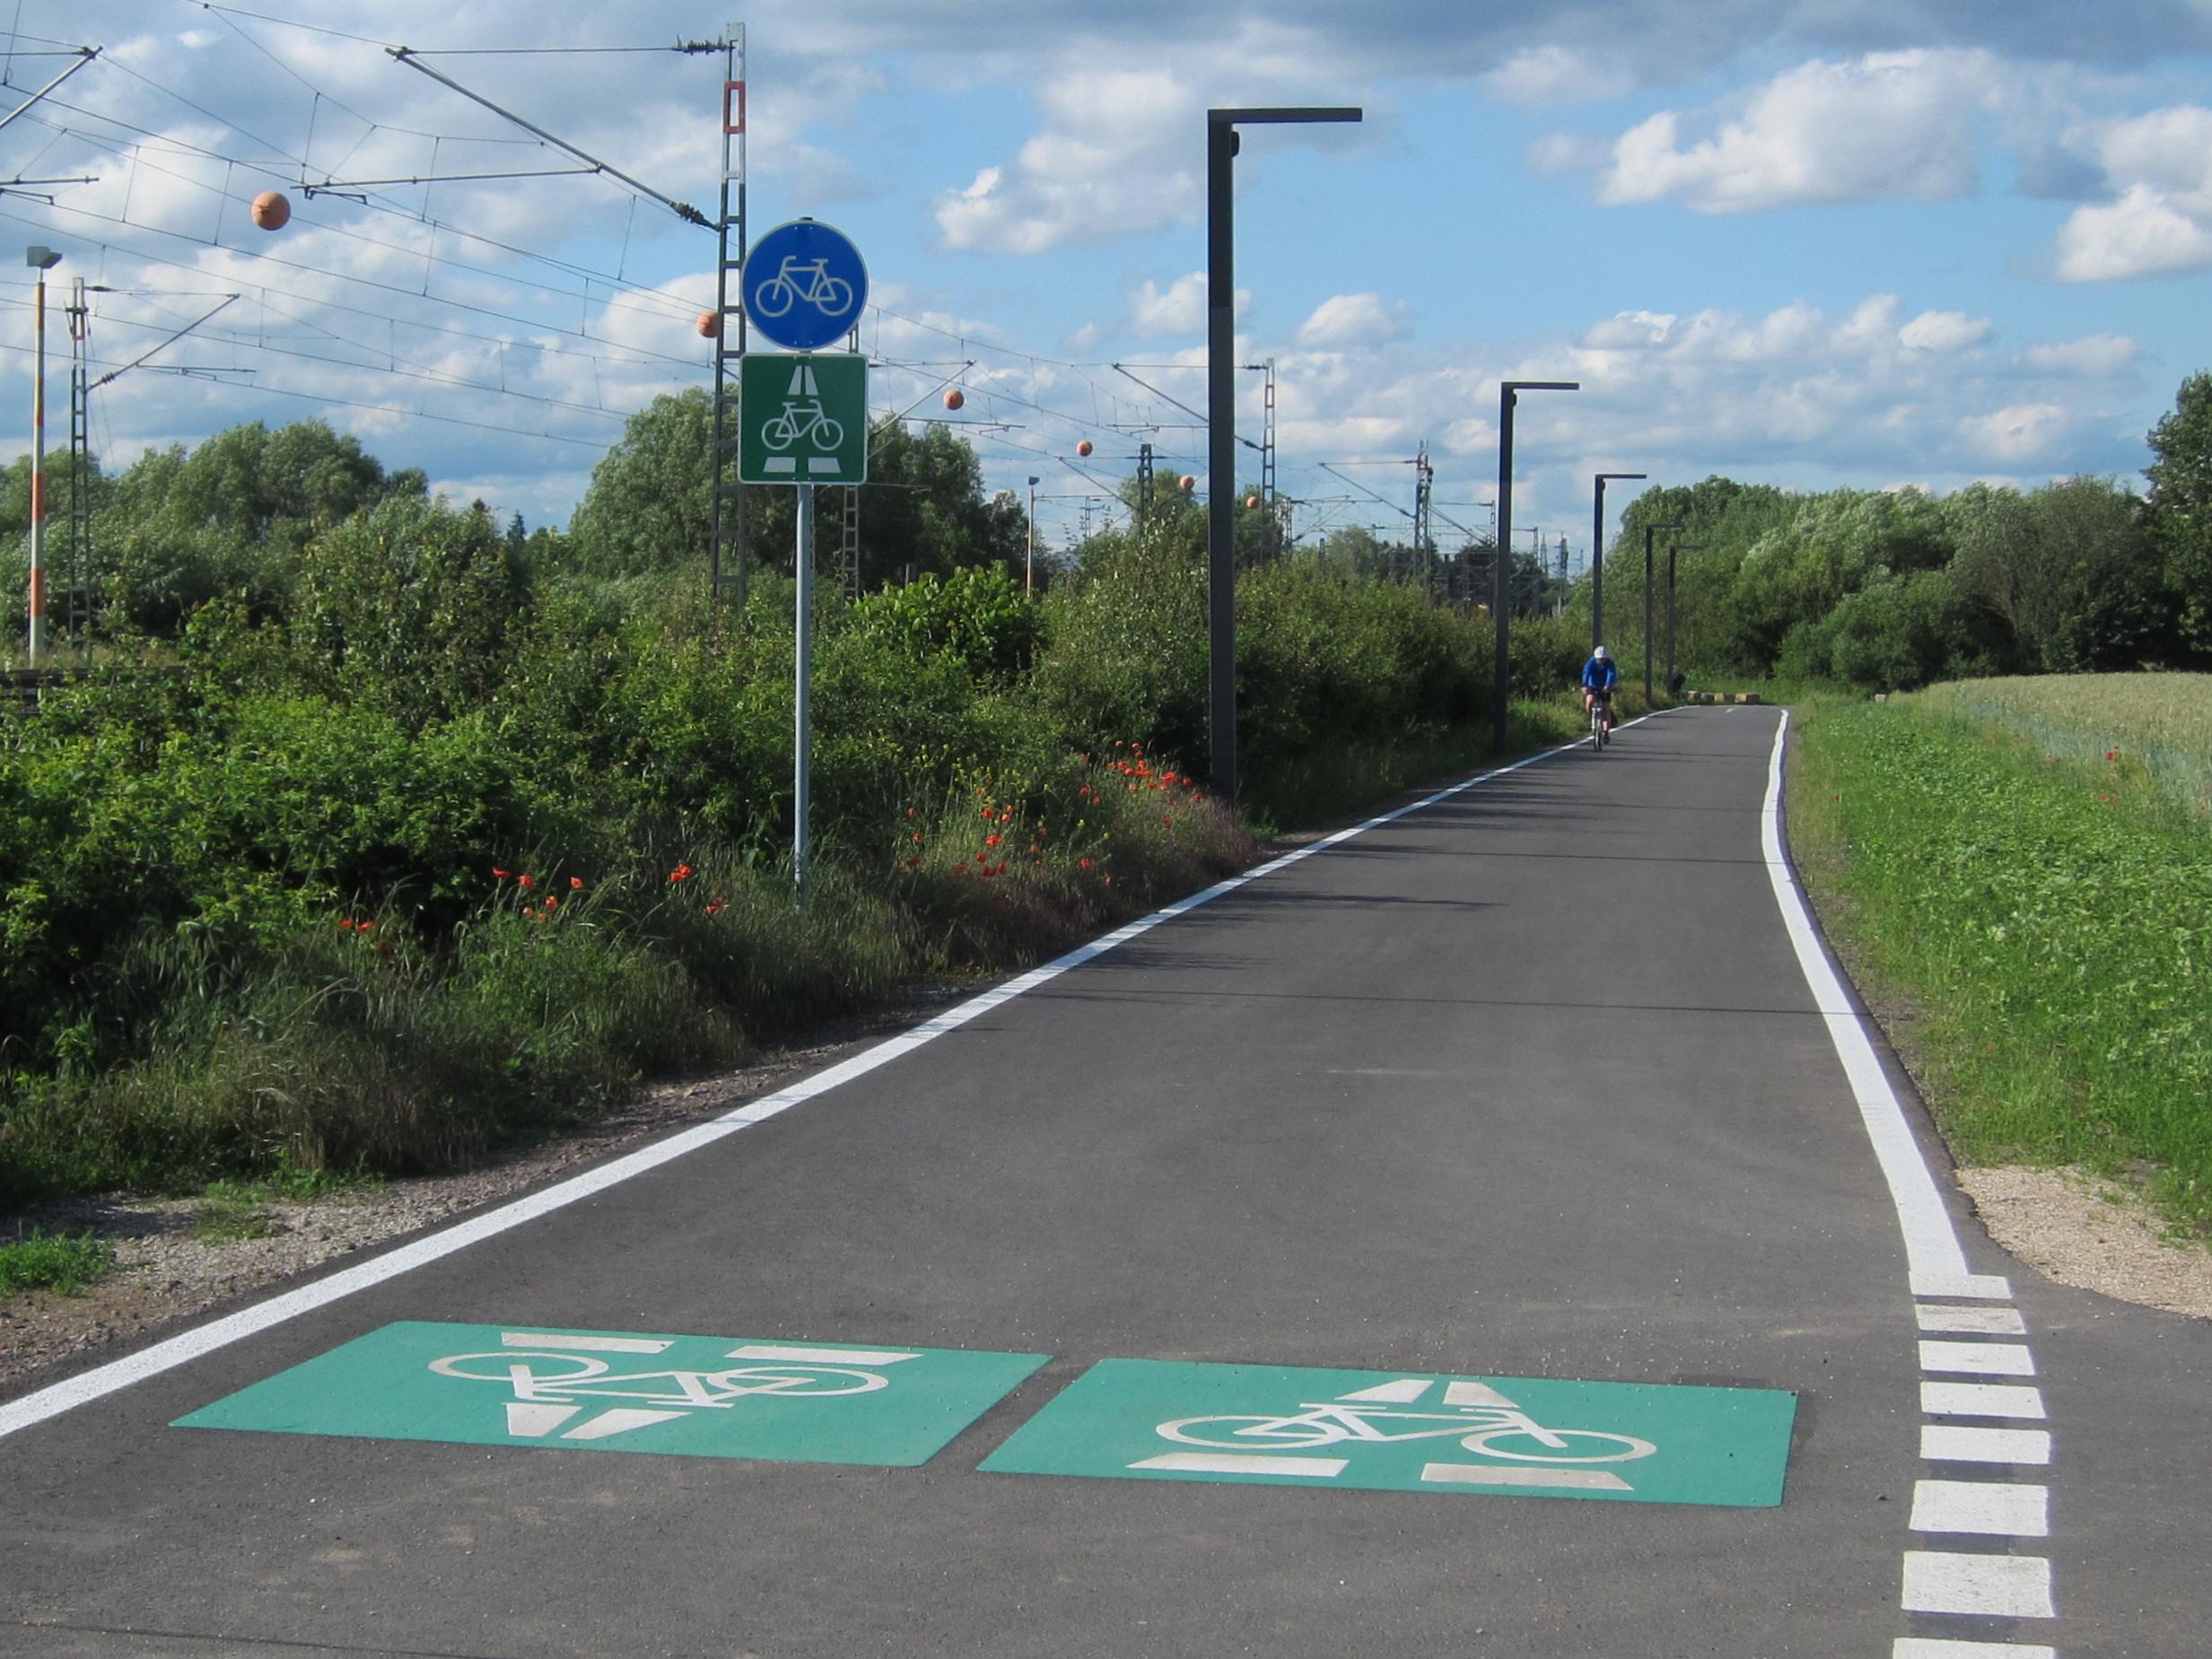 NEUE MOBILITÄT FÜR REMSHALDEN: Radverkehr als Rückgrat der Nahmobilität ausbauen – Radschnellweg